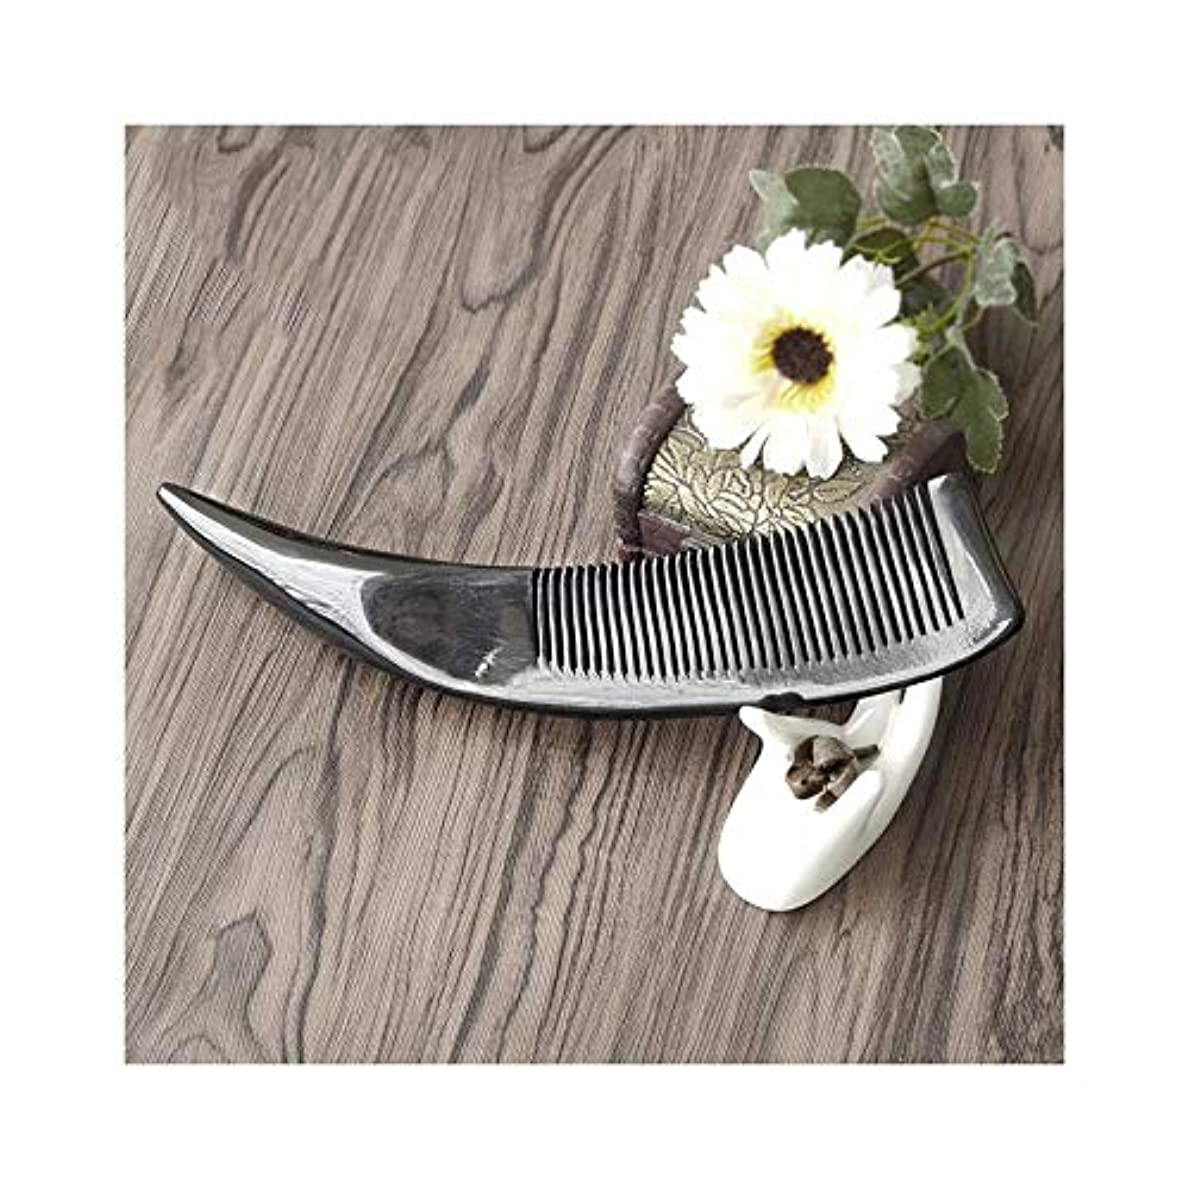 聖人音声学サイドボードWASAIO ブラックバッファローホーン櫛手作りの木製抗静的カーリーストレートヘアブラシはファイン歯ウッドテールブラシ